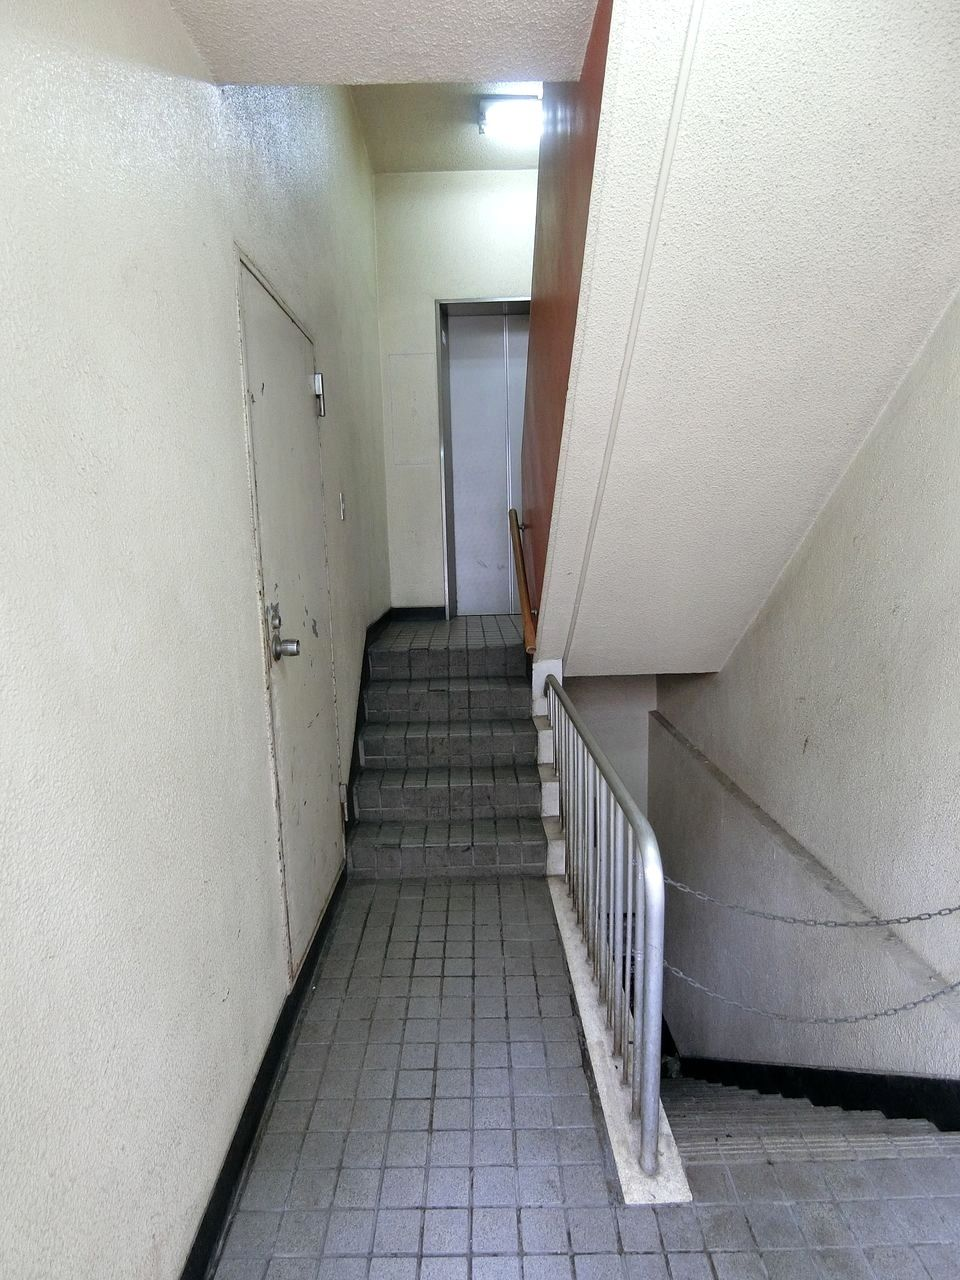 ②階段かエレベーターで3階まで上がります。